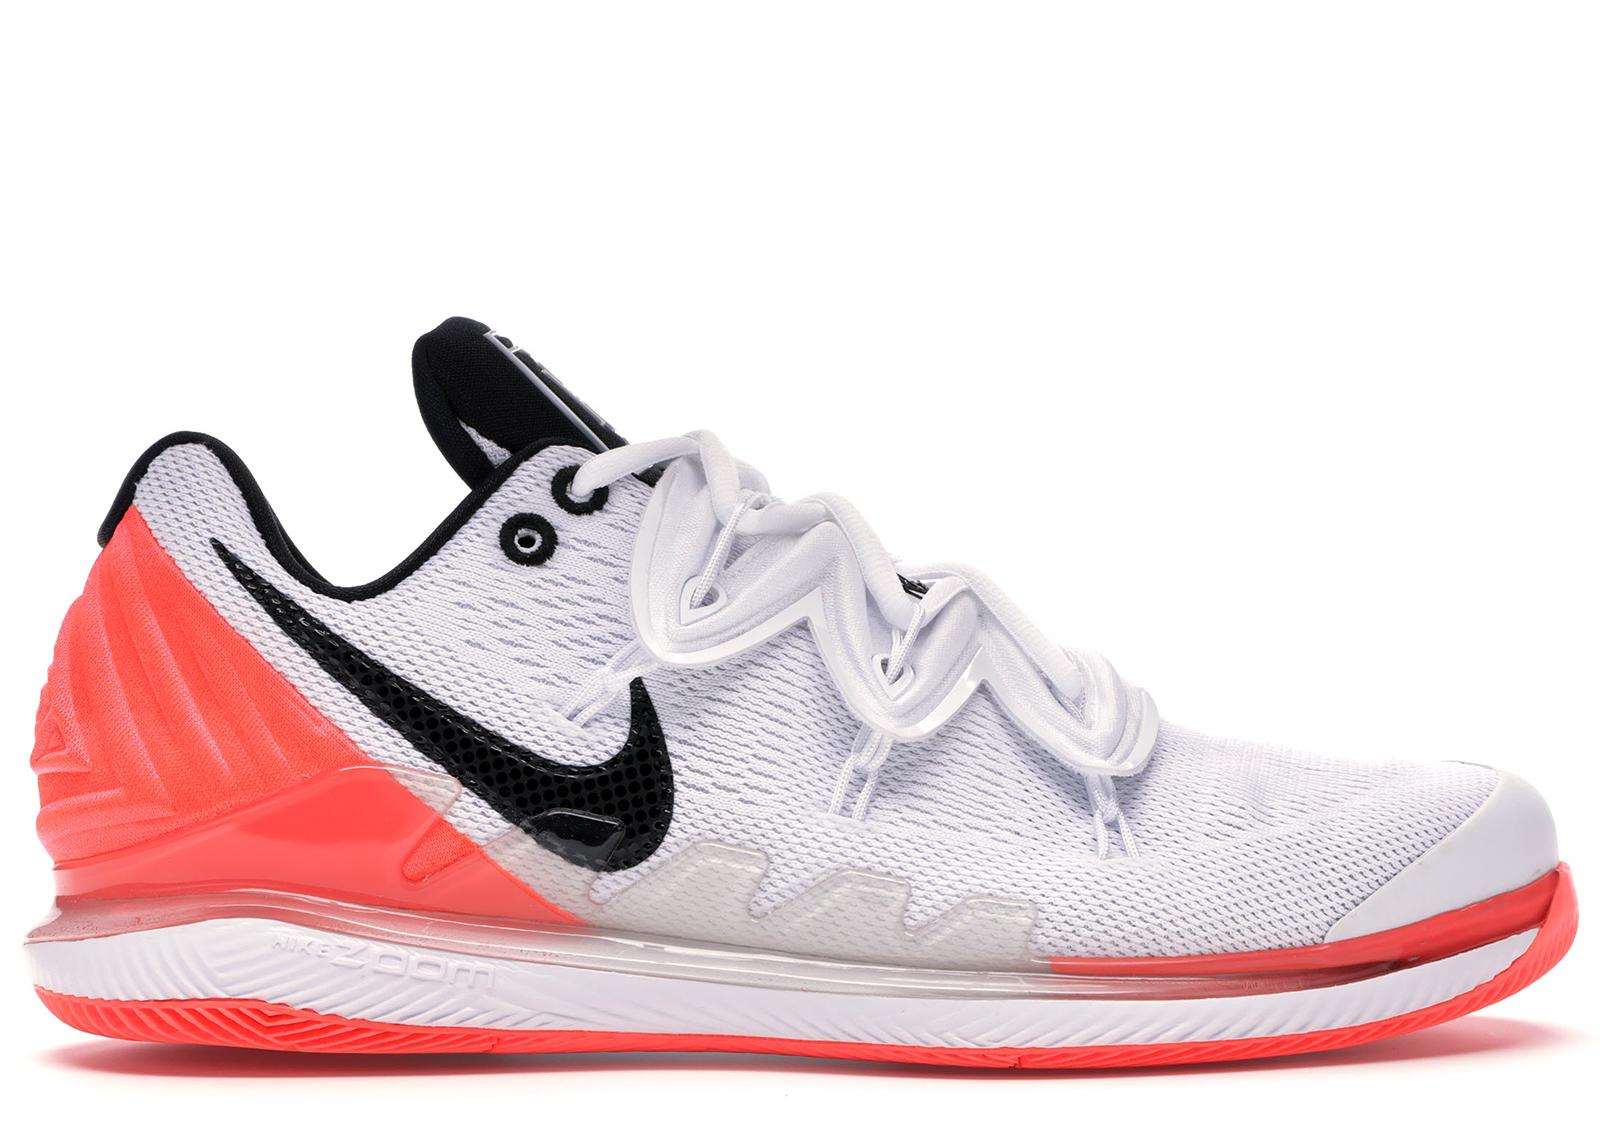 Nike Air Zoom Vapor X Kyrie Hot Lava - BQ5952-100